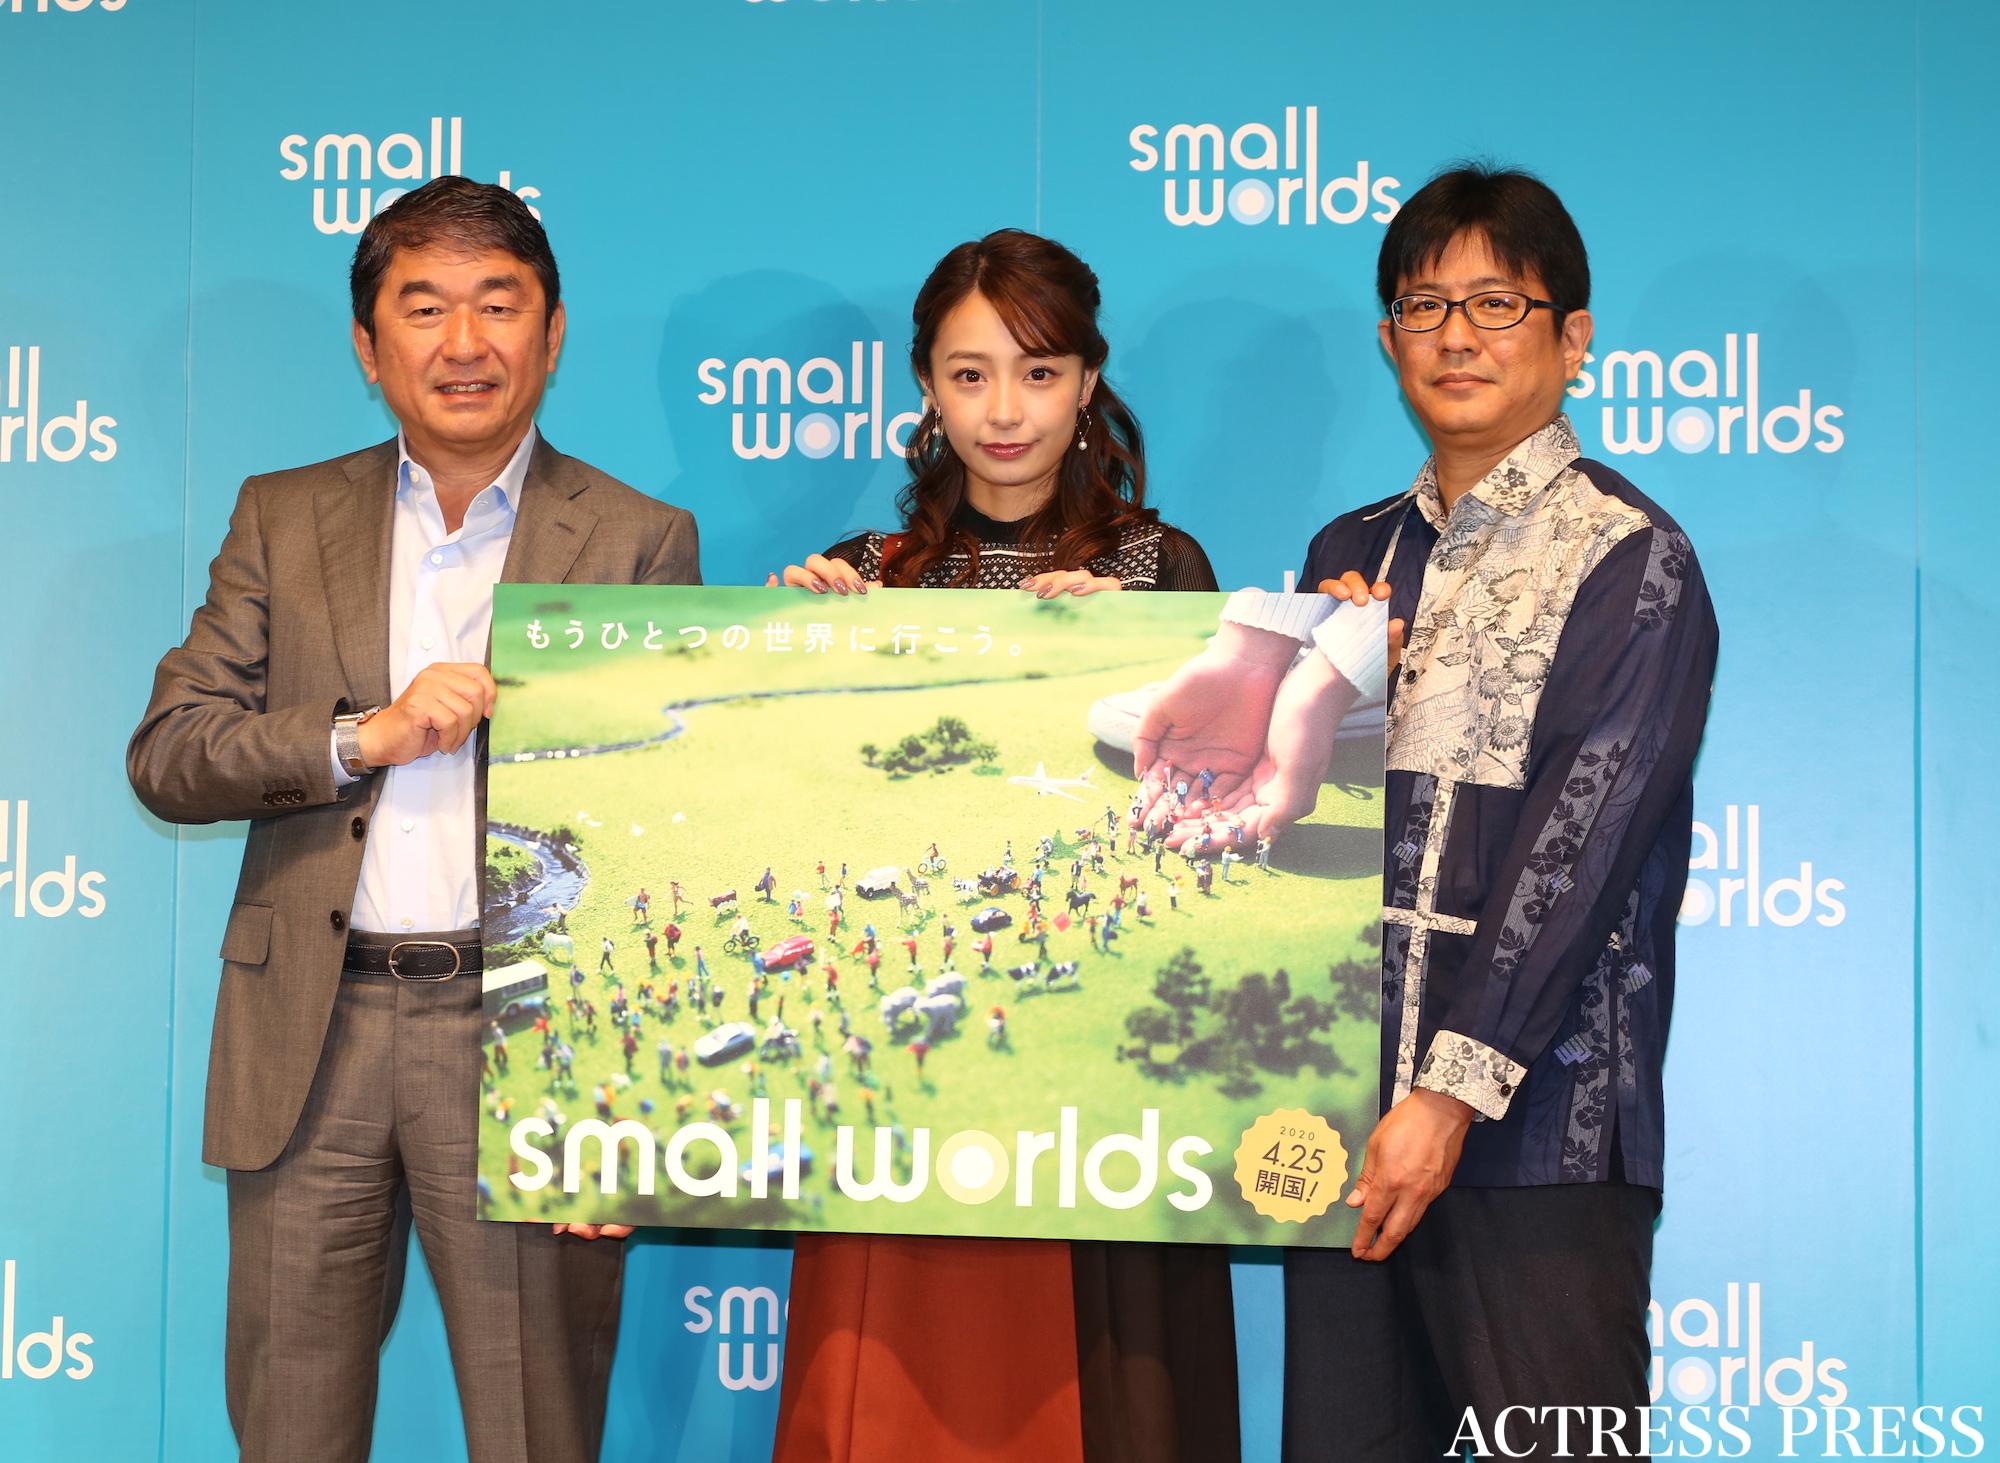 宇垣美里/「SMALL WORLDS TOKYO」プレス向け発表会 イベントにて(2019年11月28日):撮影:ACTRESS PRESS編集部